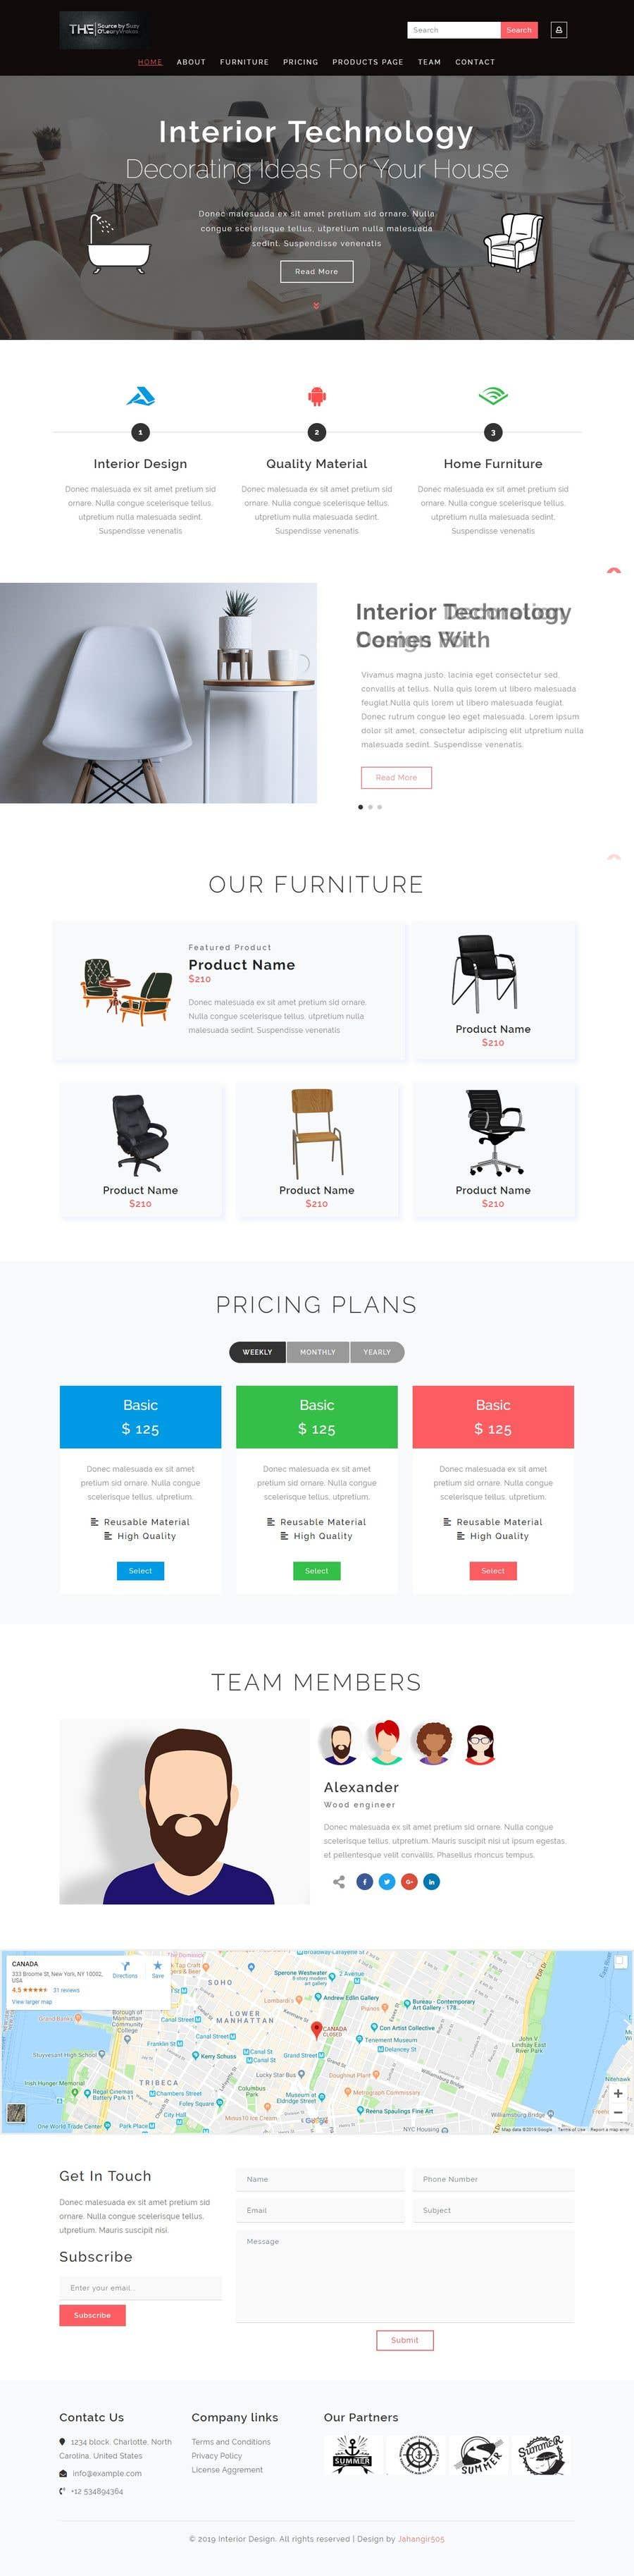 Penyertaan Peraduan #1 untuk Build Me A Website Template For An Interior Designer